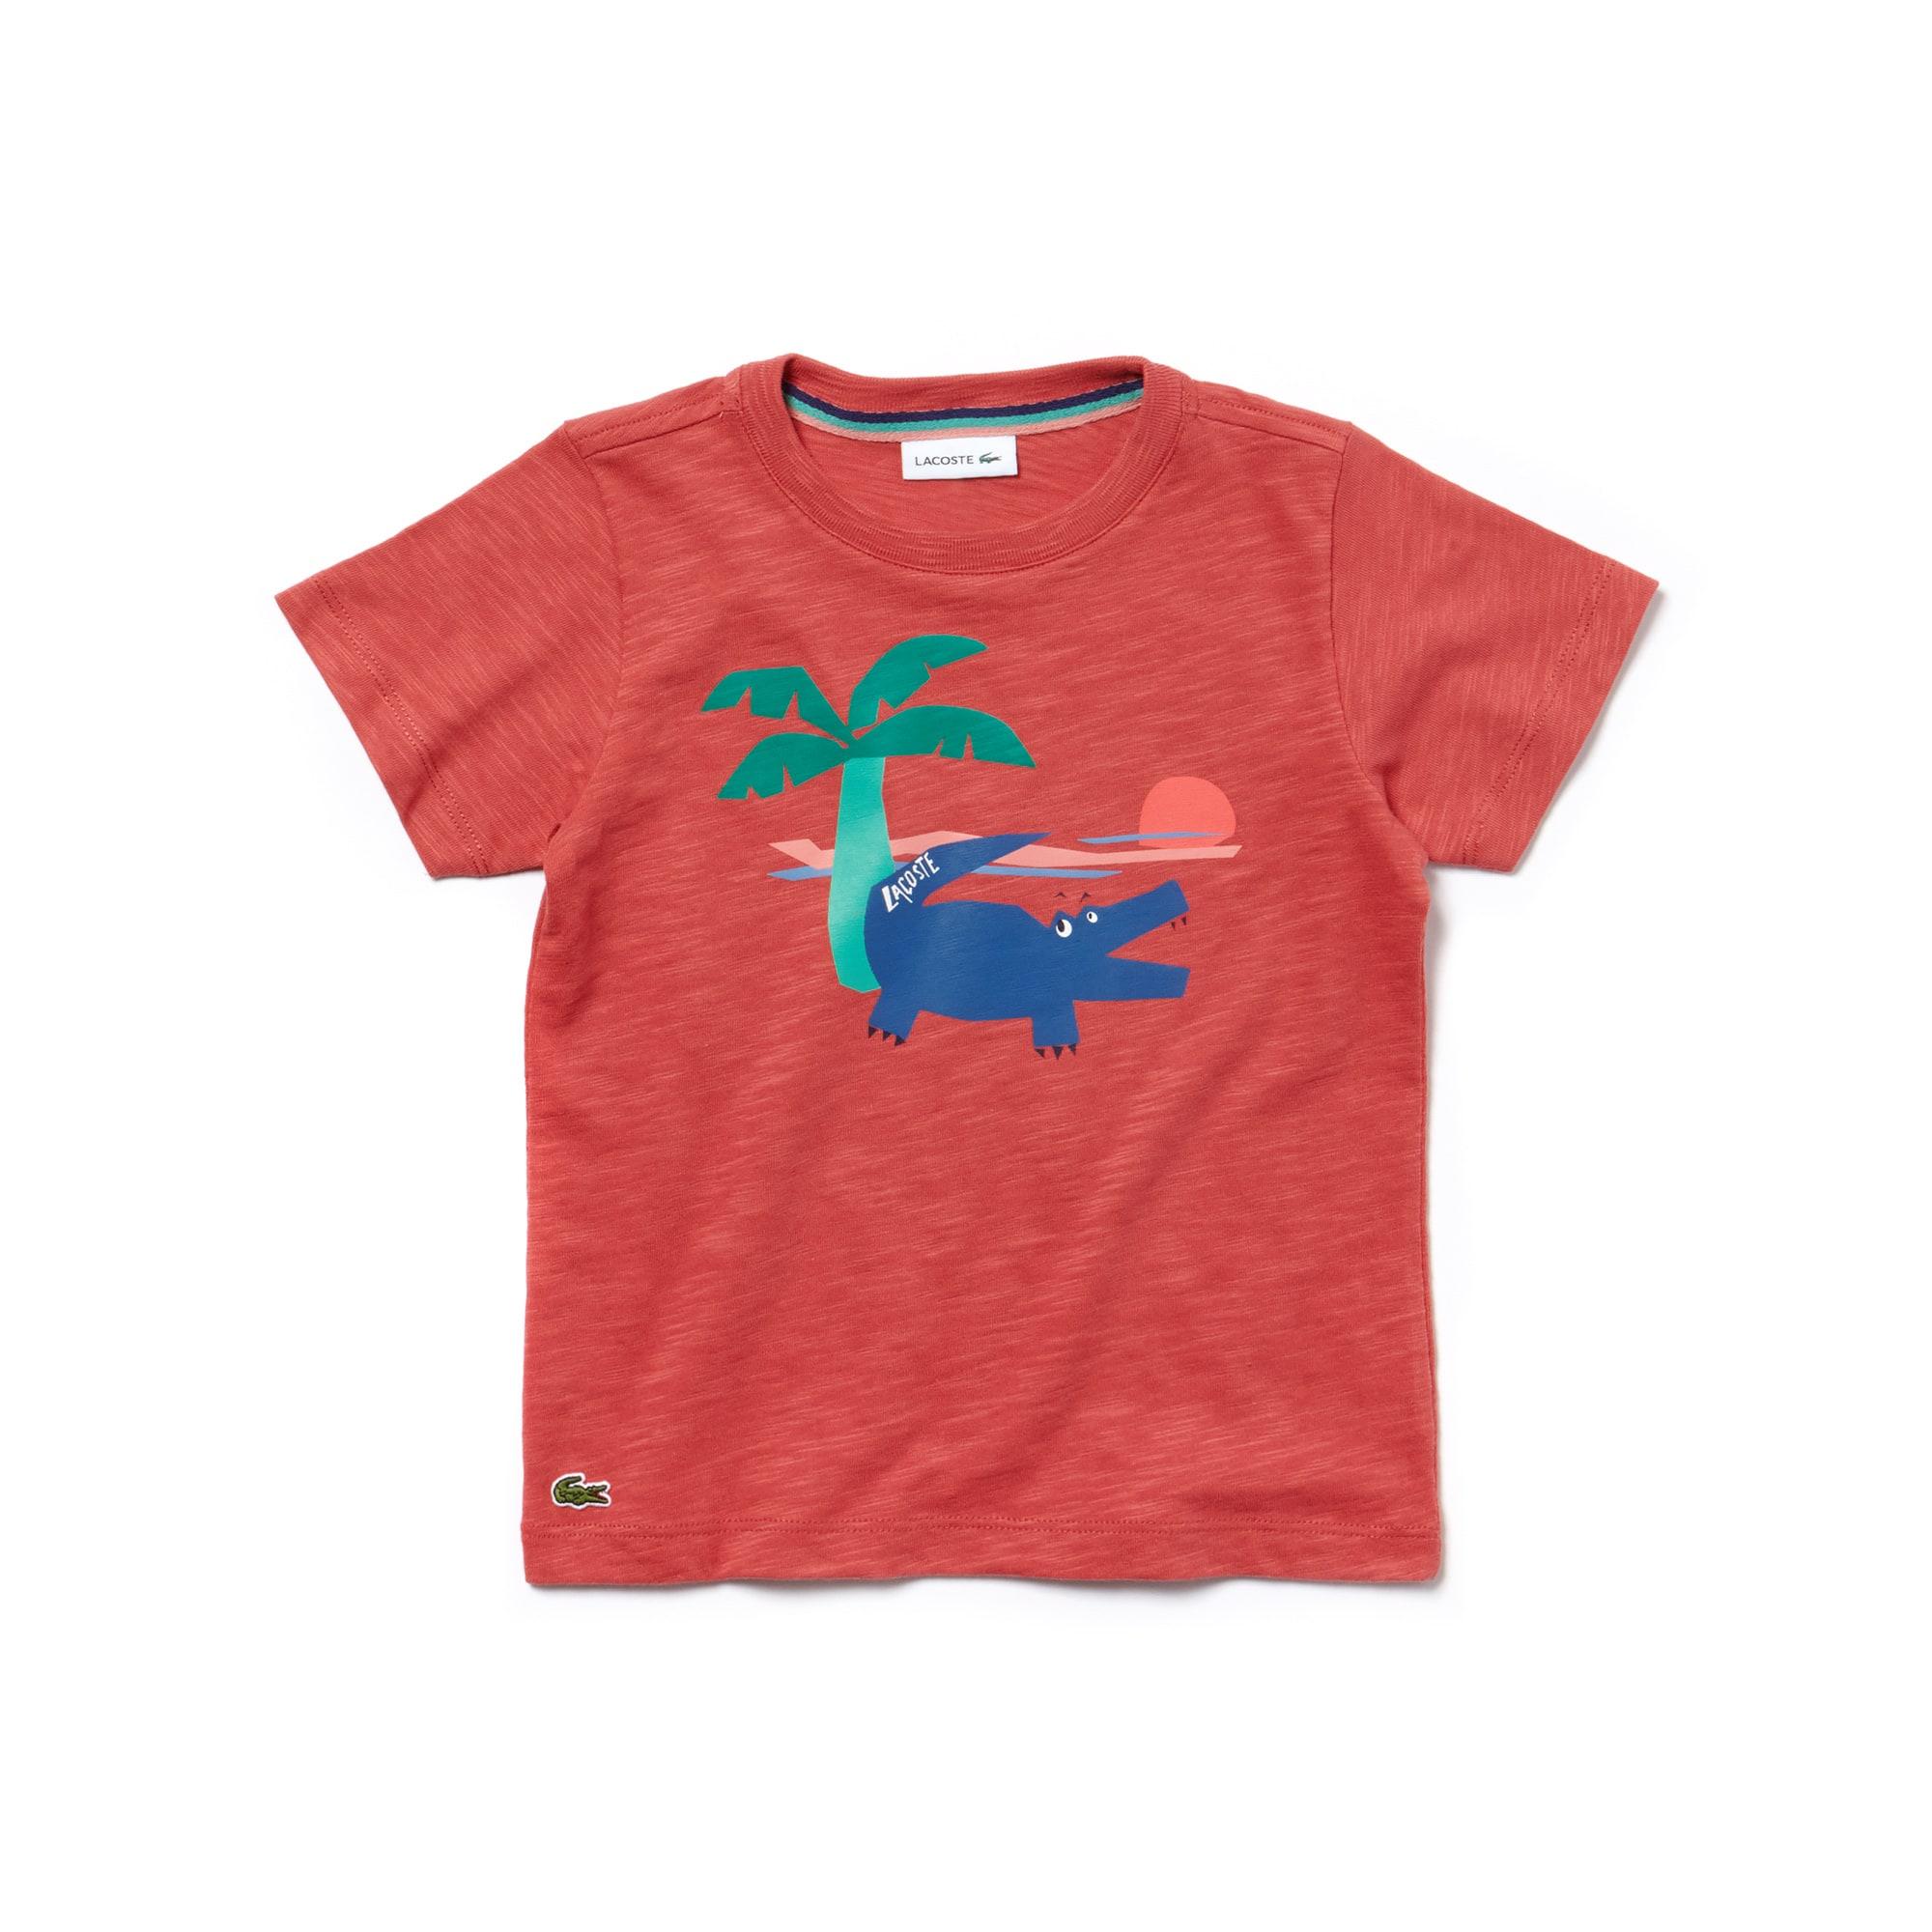 T-shirt jongens flammé-jersey met ronde hals en krokodillenprint